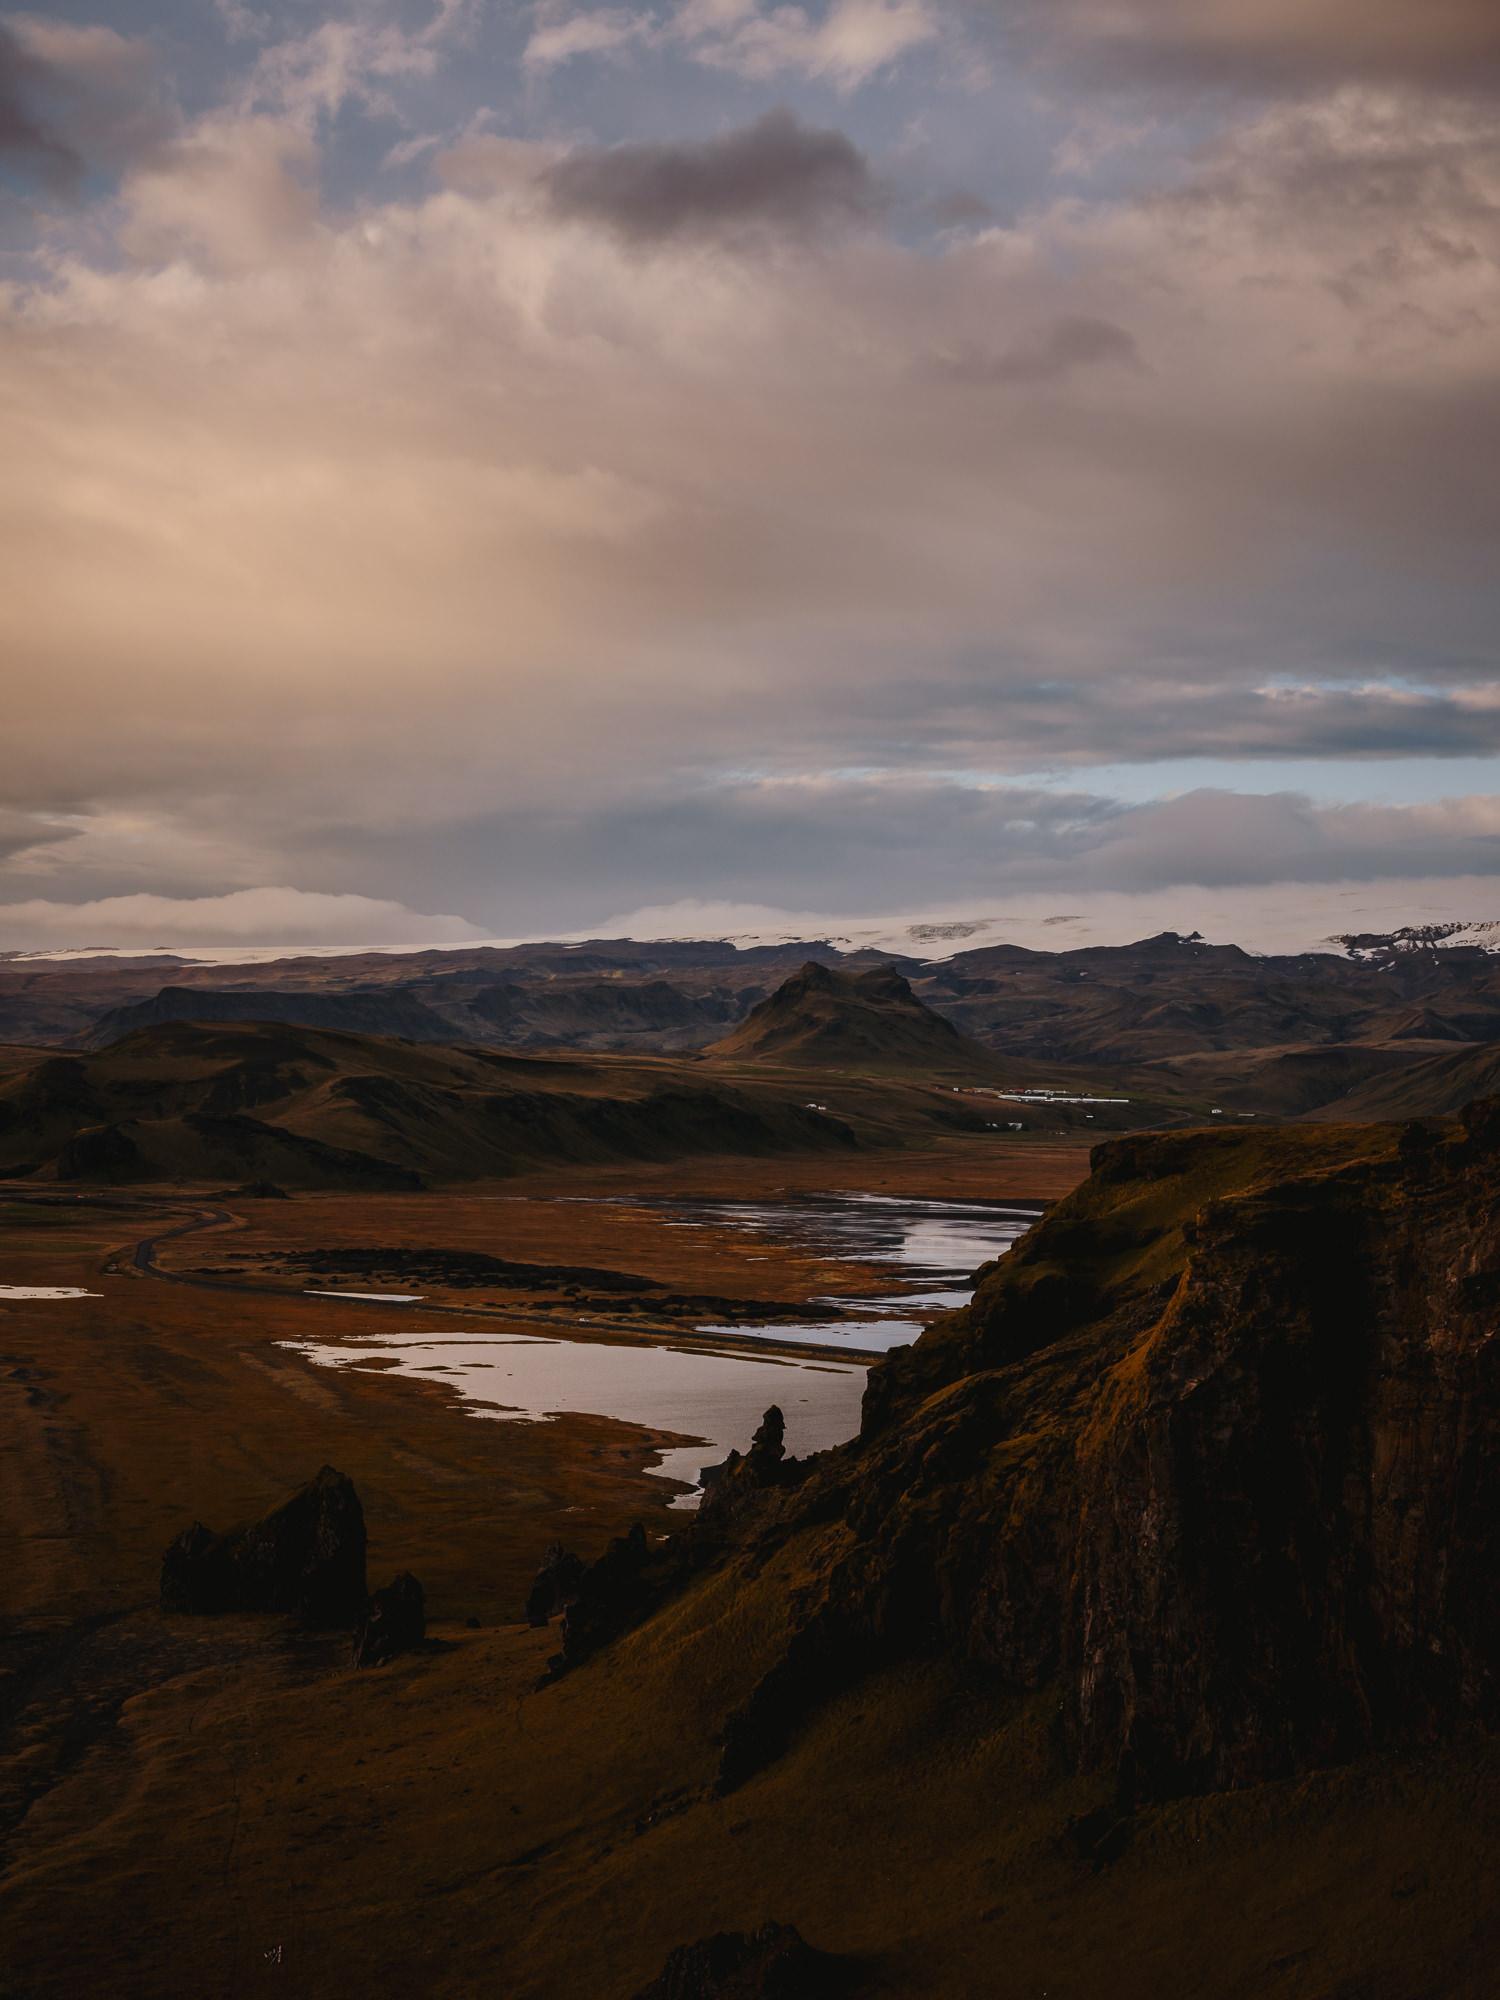 iceland.vik.reykjavik.elopement.©2018mileswittboyer-36.jpg